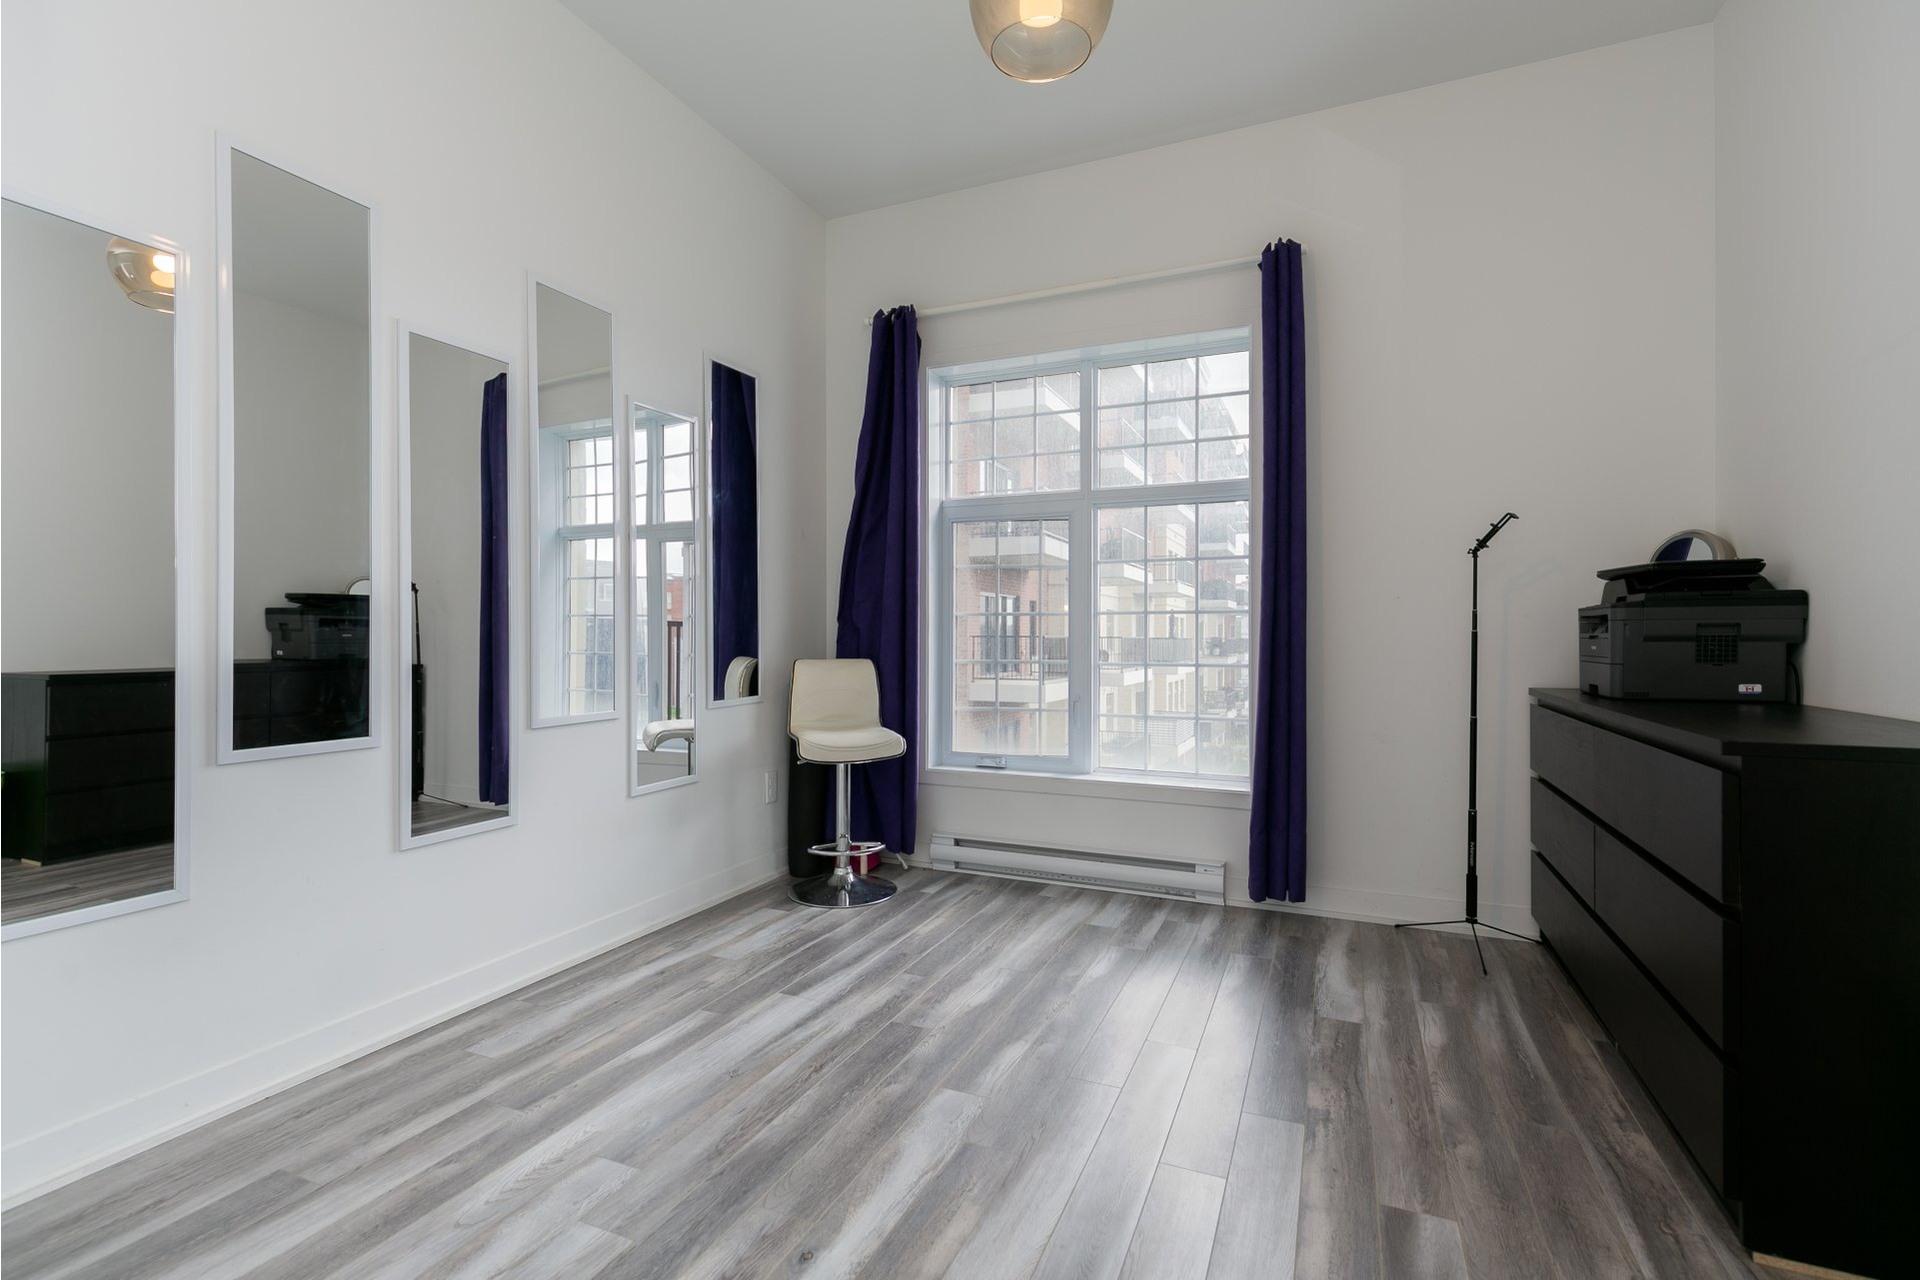 image 9 - Appartement À vendre Brossard - 10 pièces